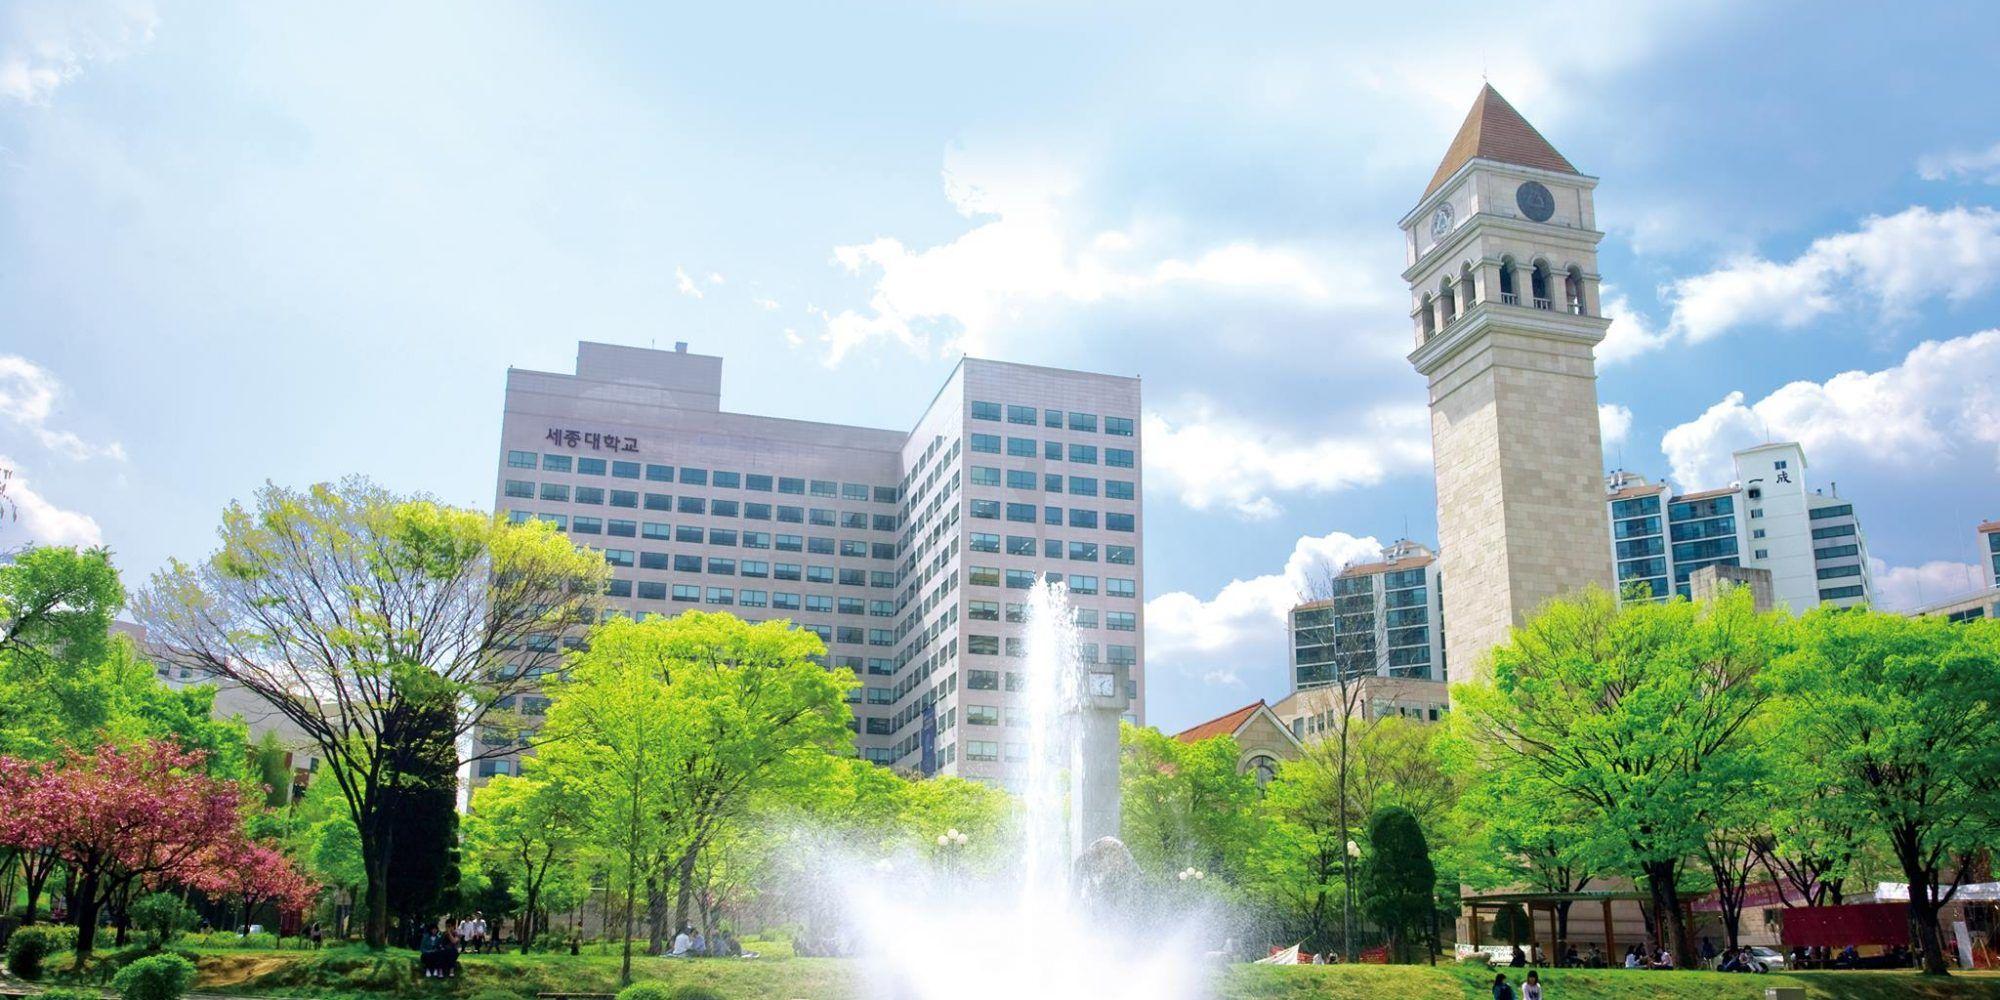 Yuk Kuliah di Sejong University, Korea Selatan!